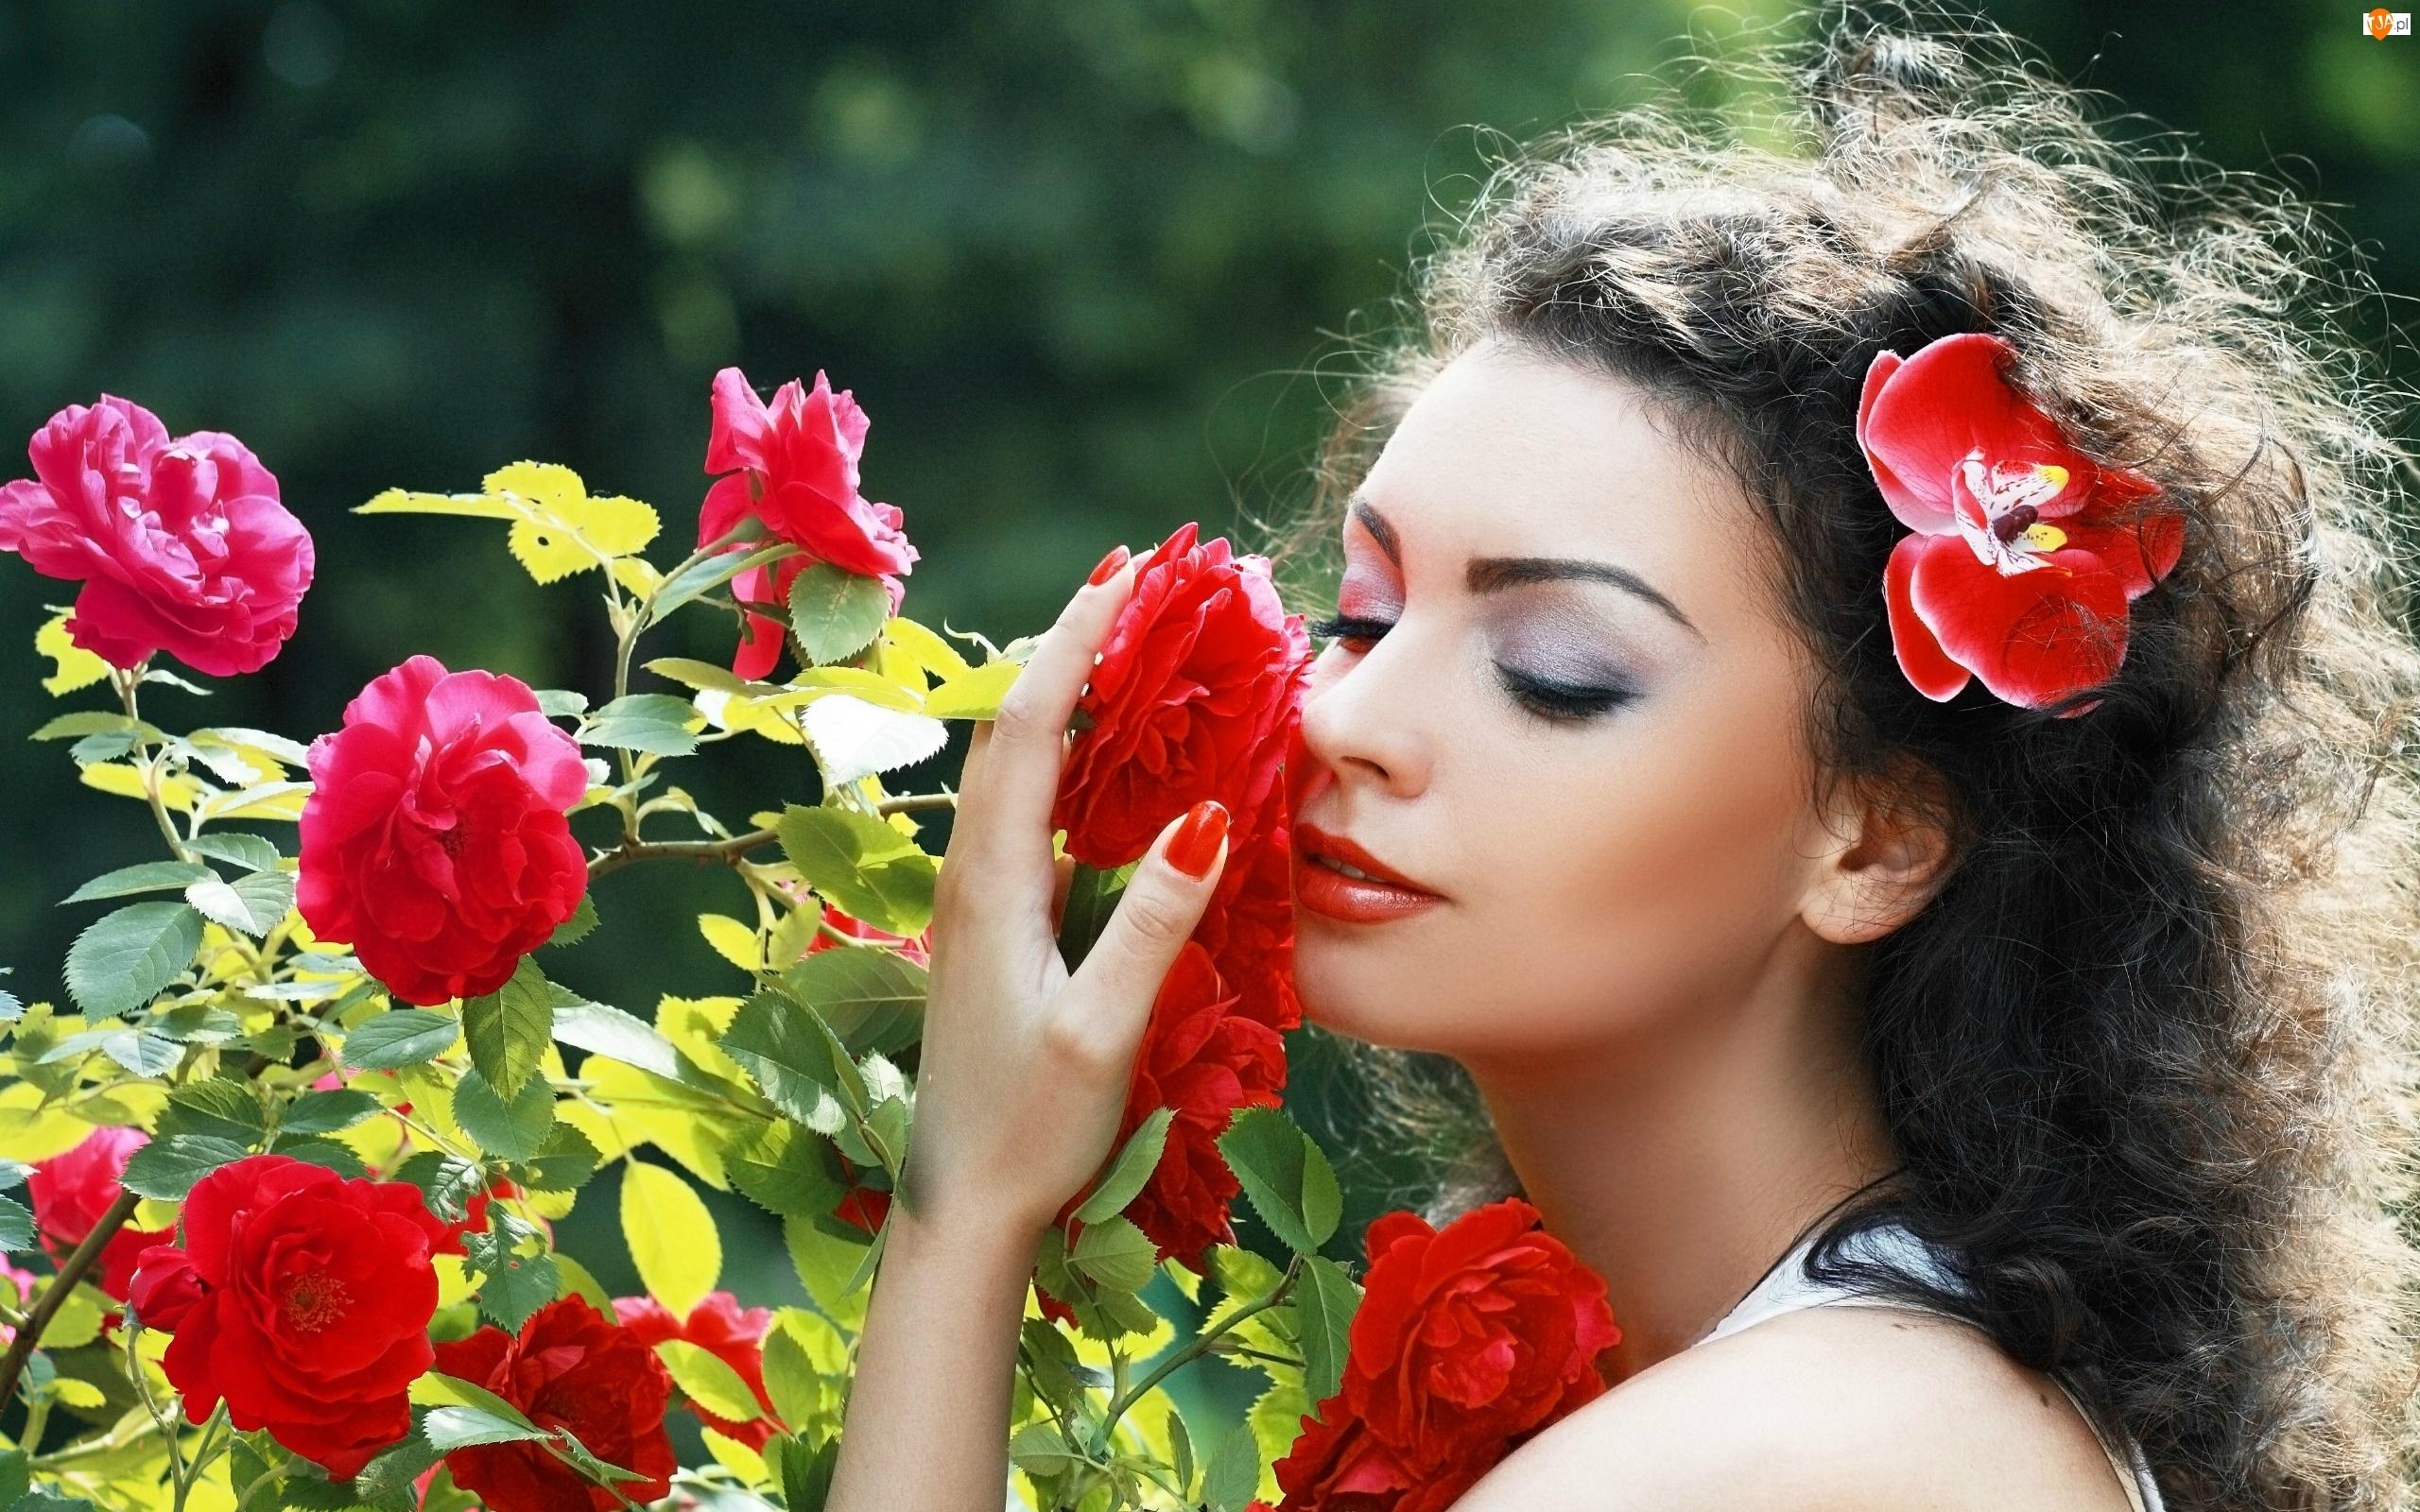 Włosach, Makijaż, Kwiat, Róży, Kobieta, Park, We, Krzew